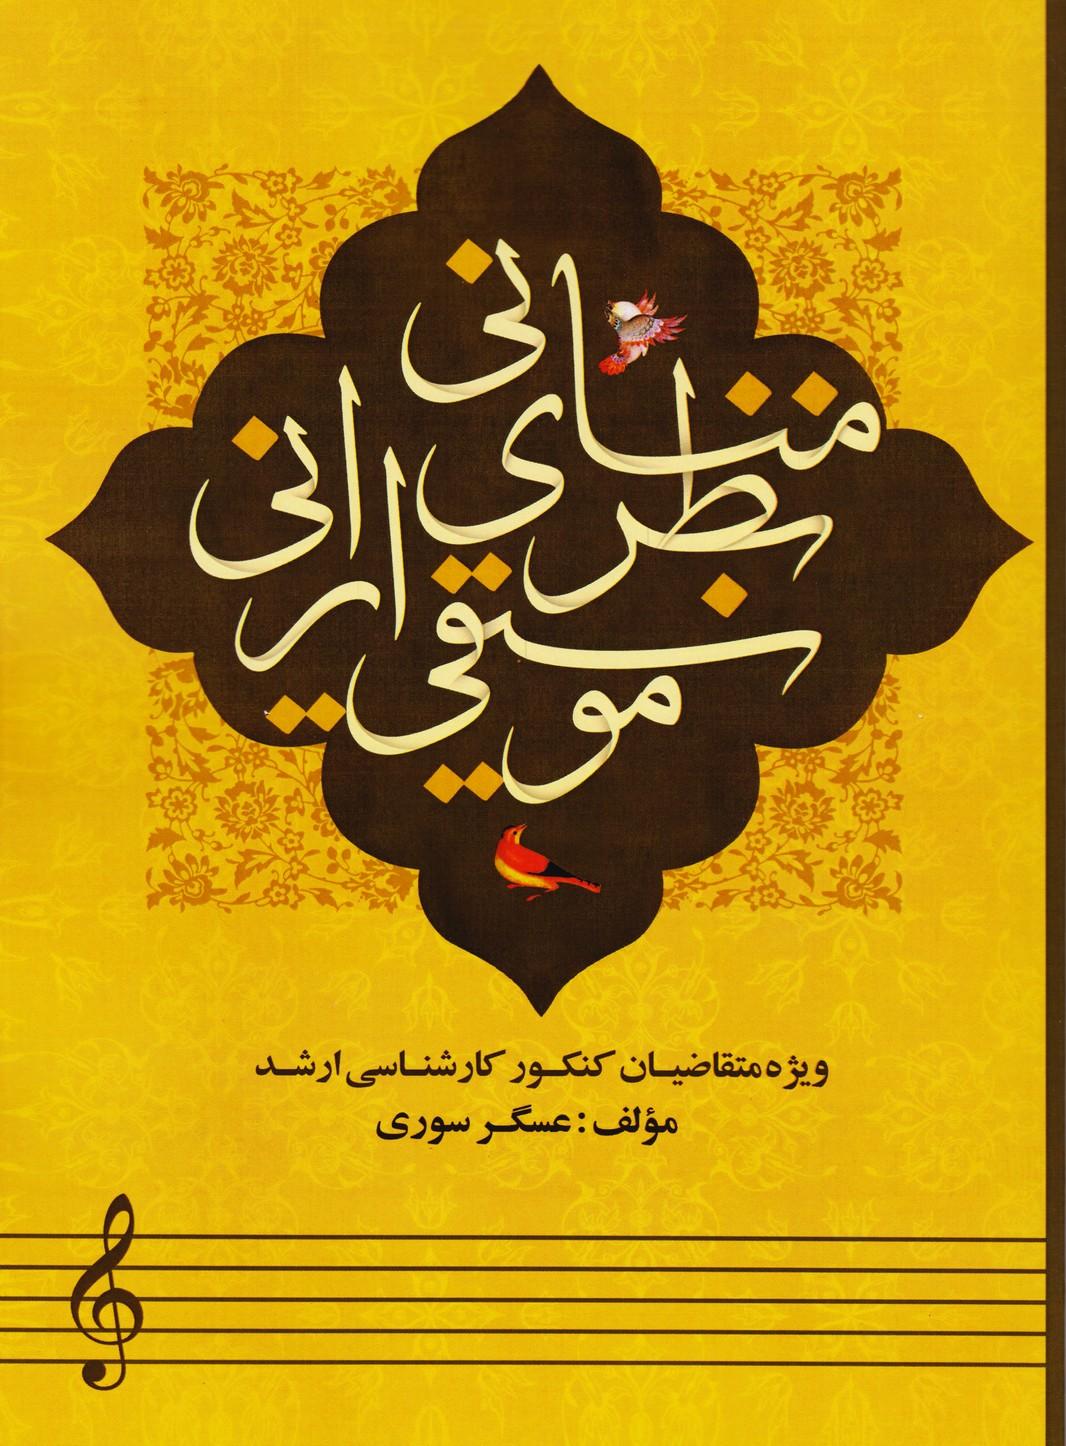 مبانی نظری موسیقی ایرانی (هنگام هنر)